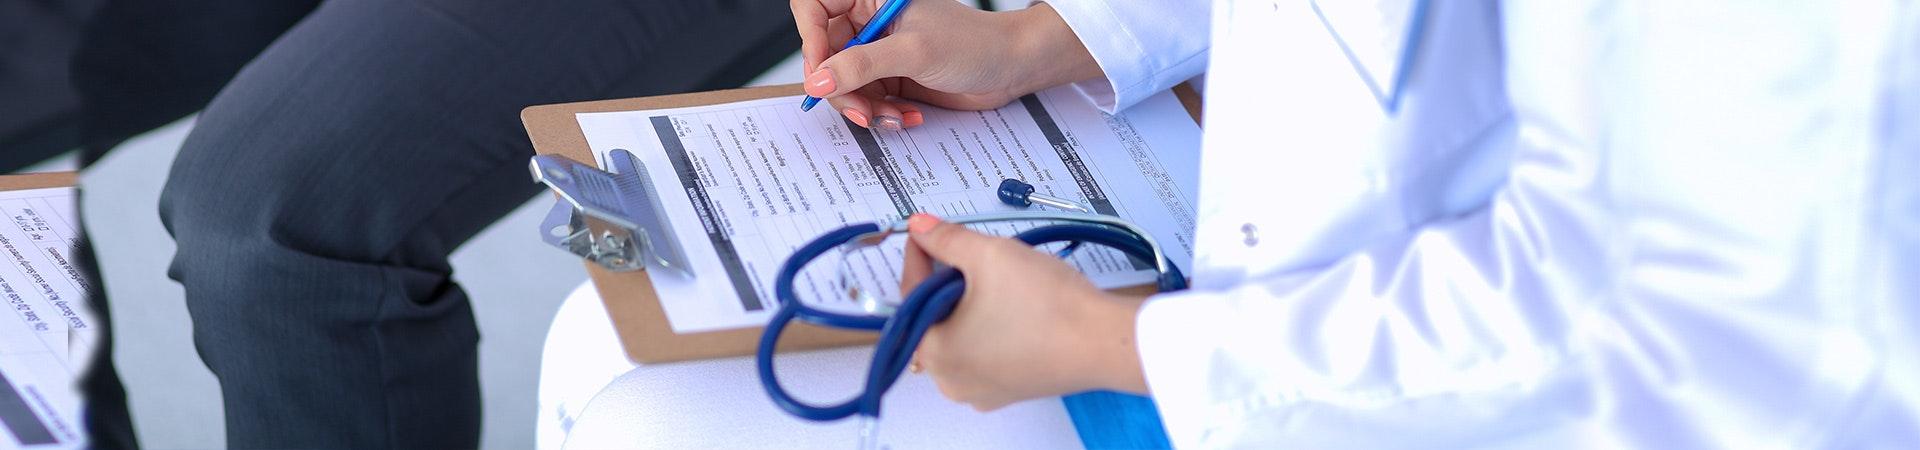 Gesetzliche Krankenkassen Vergleich